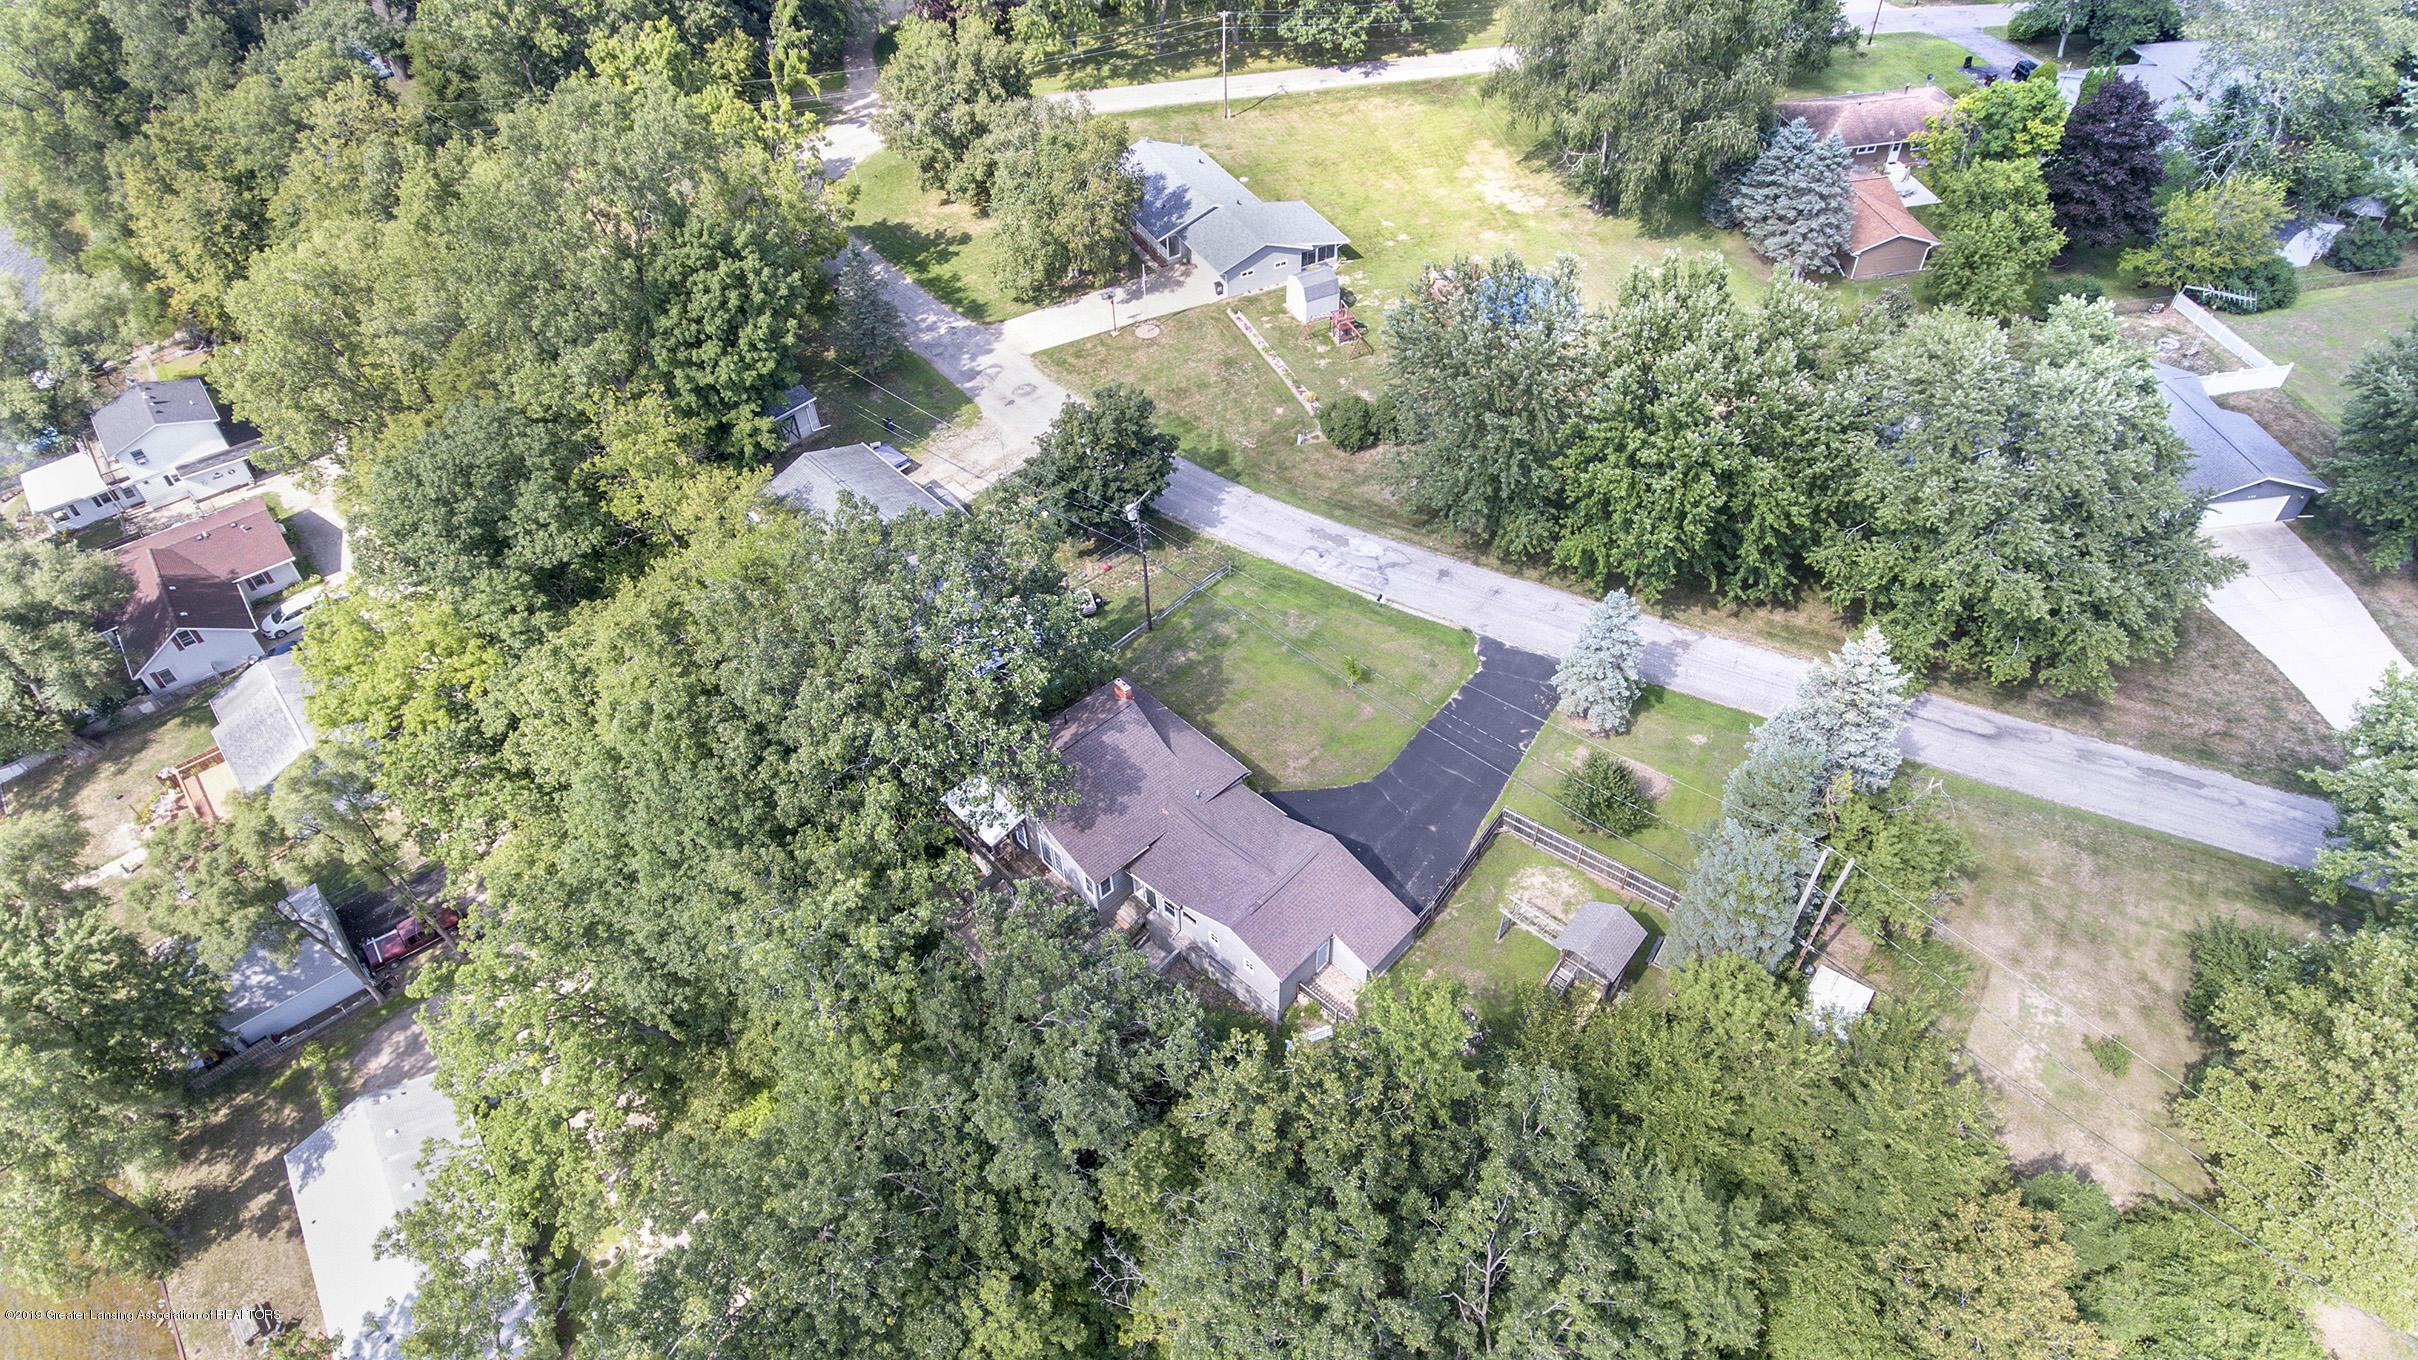 735 S Cloverhill Rd - Photo Aug 16, 3 53 44 PM-1 - 33